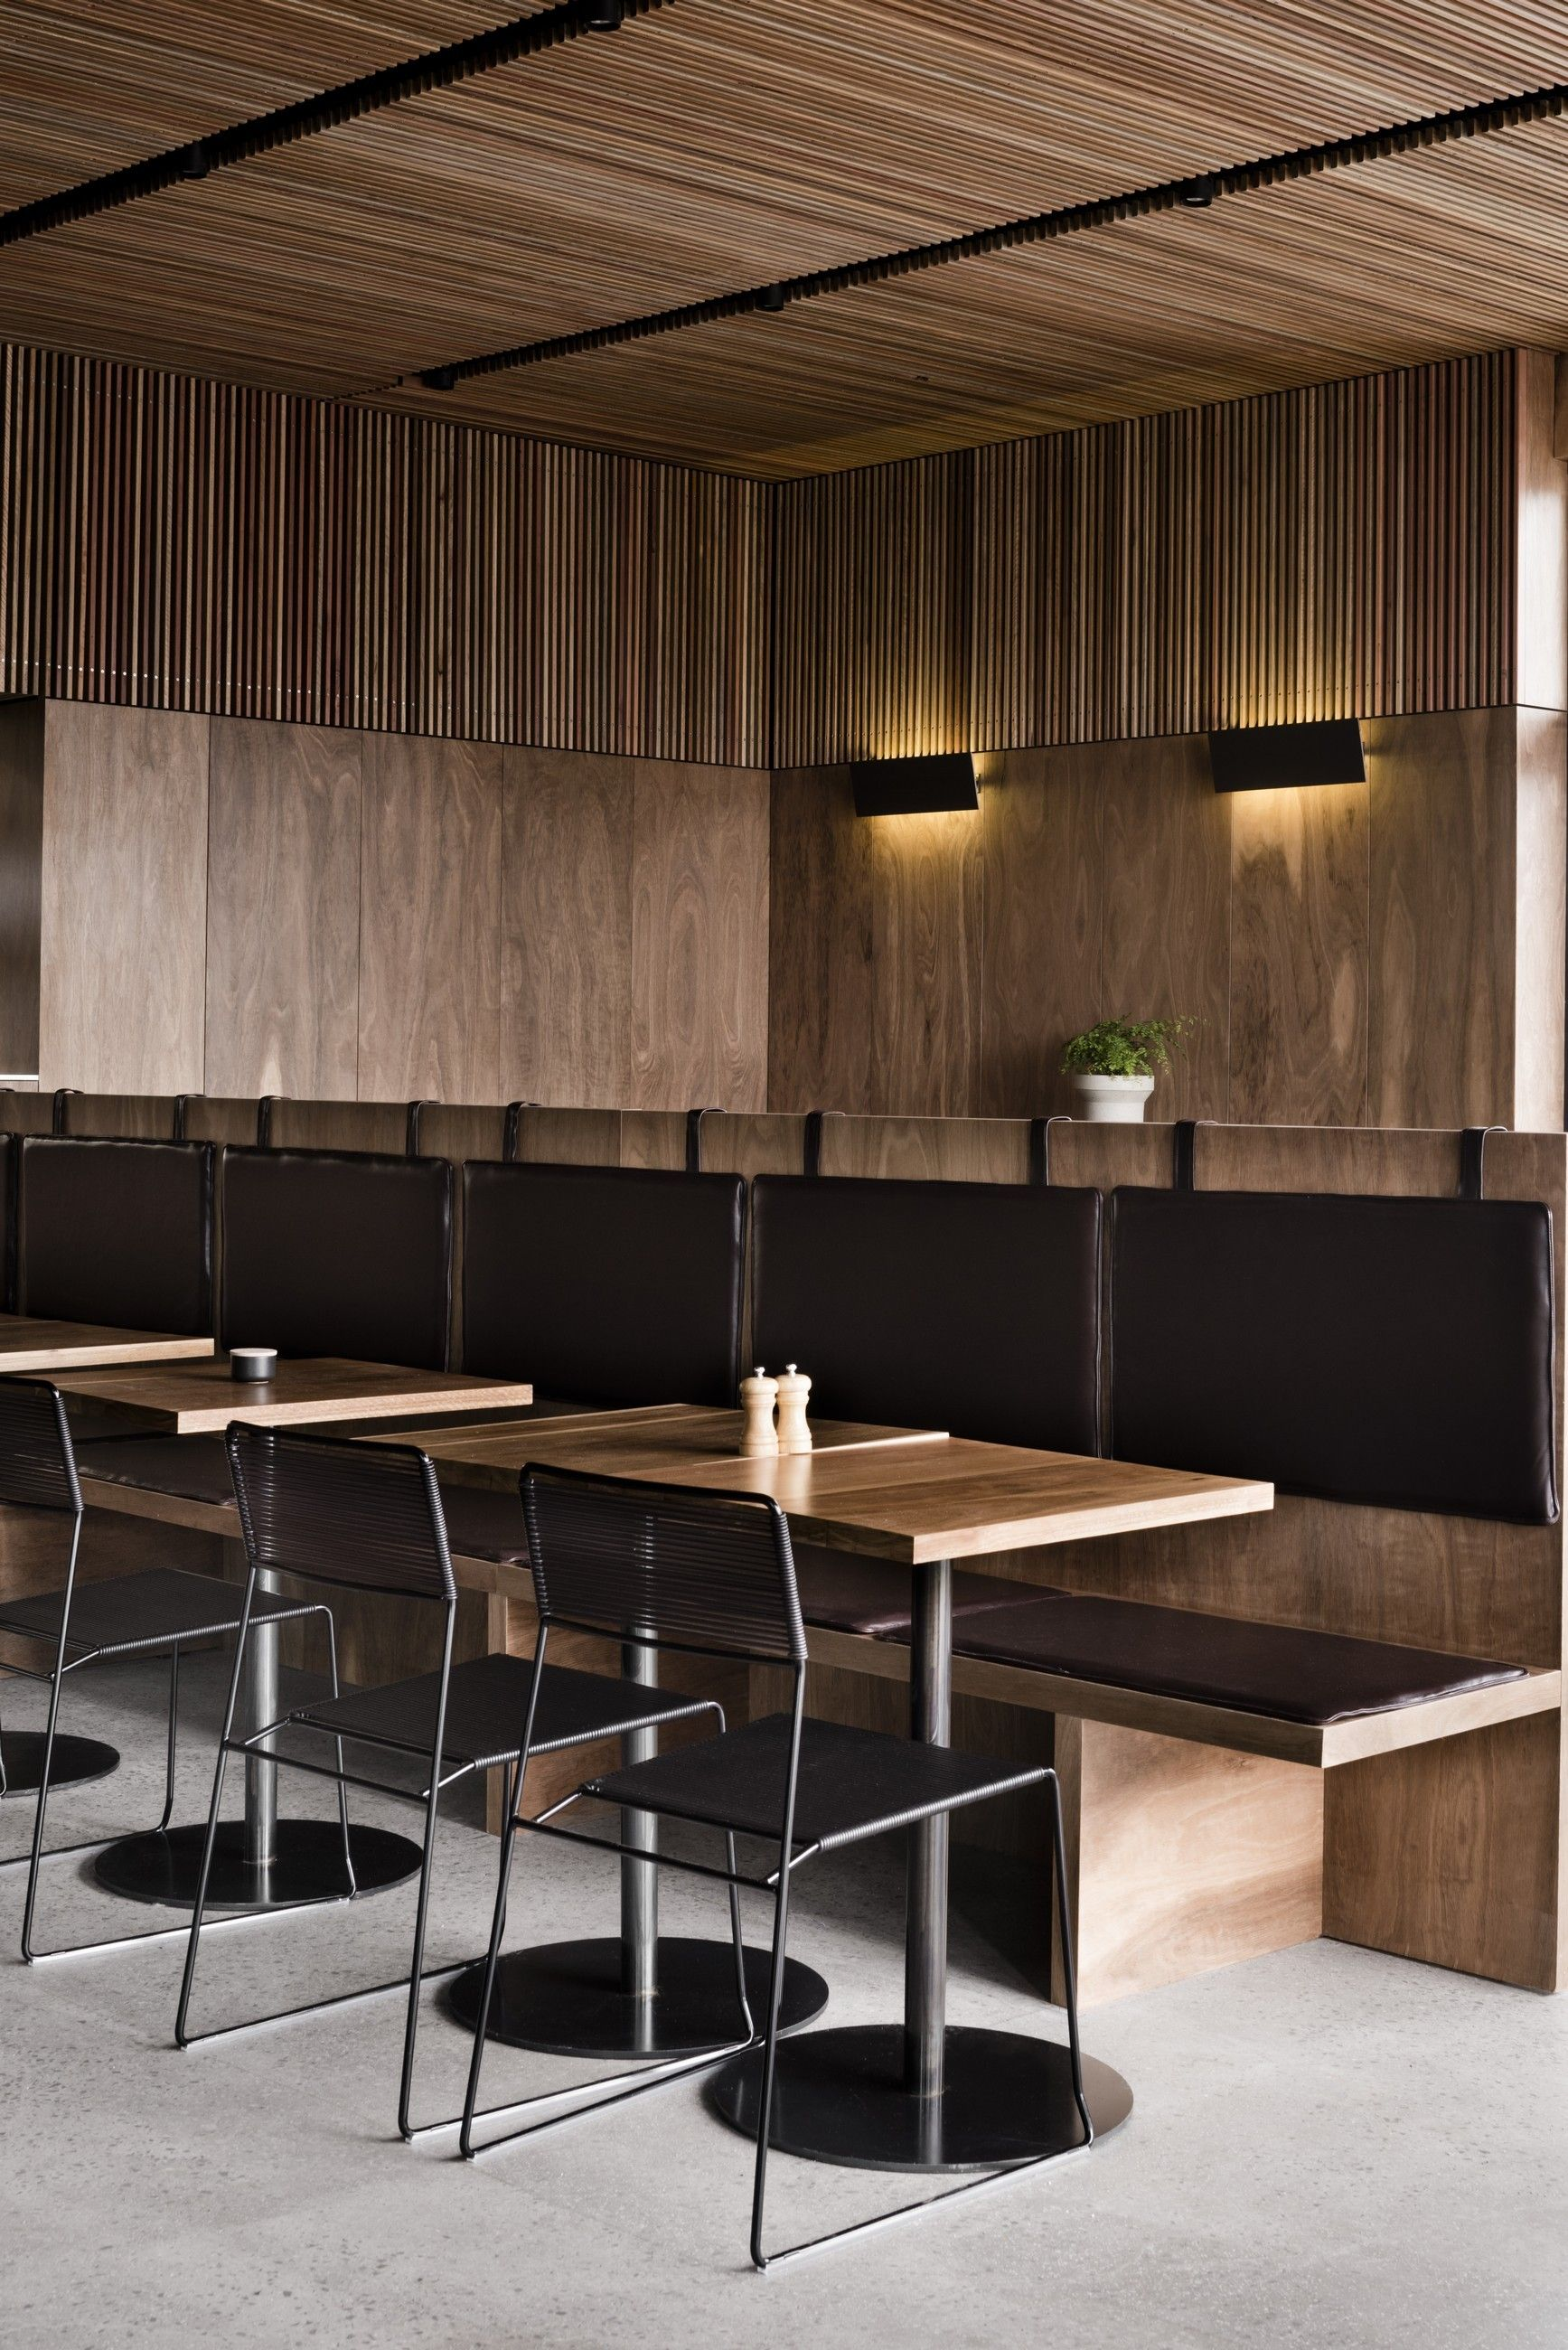 Morris And Heath Interior Design Awards Australian Interior